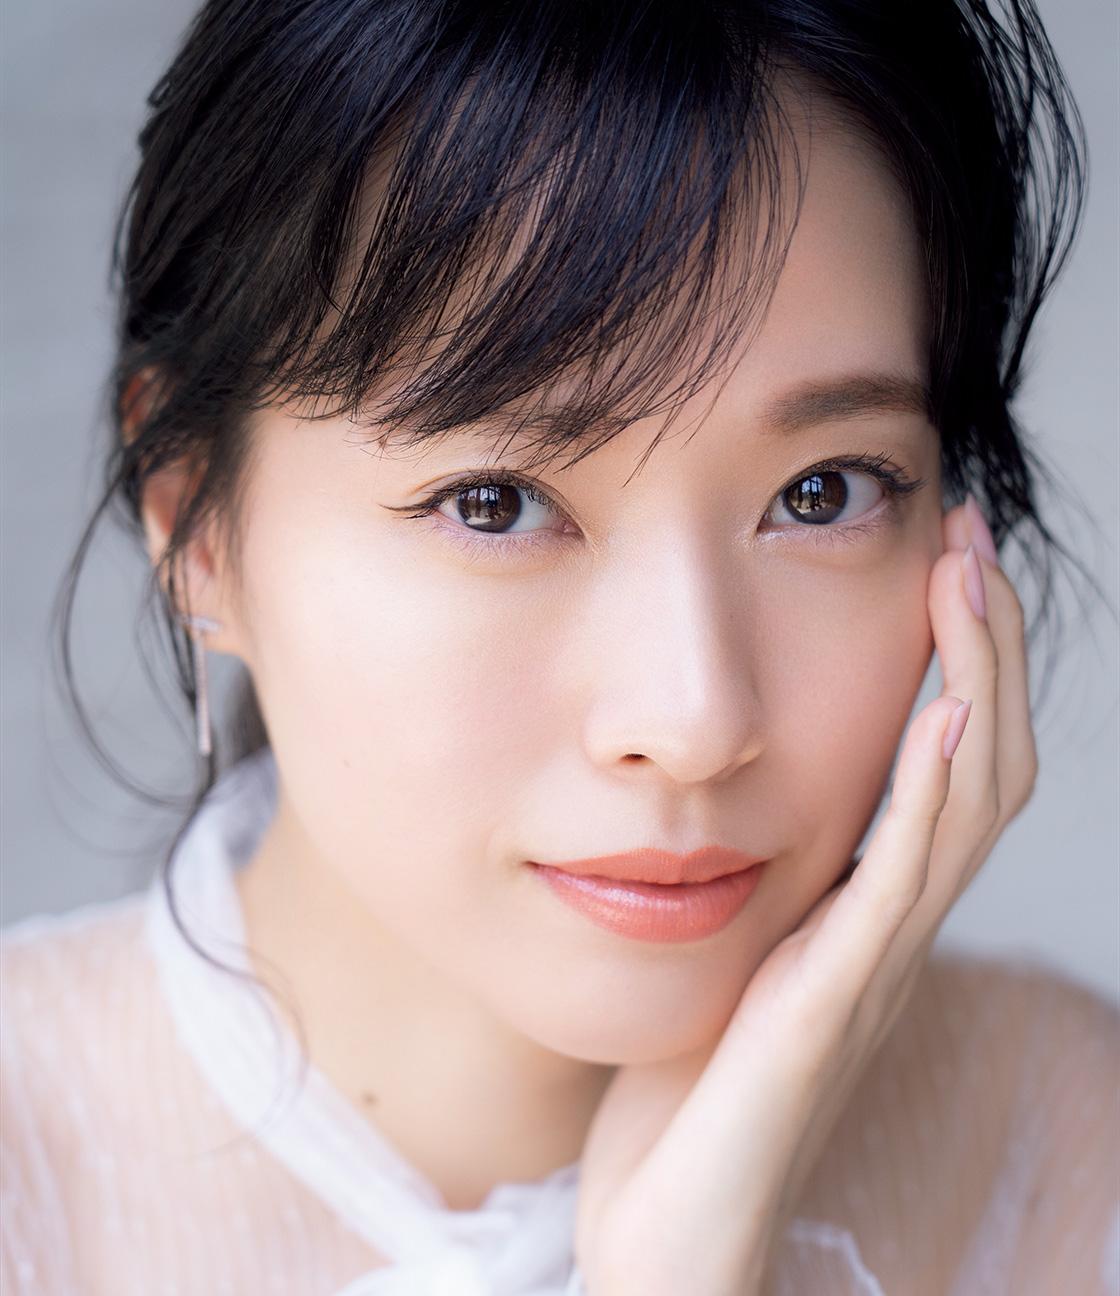 戸田恵梨香さん